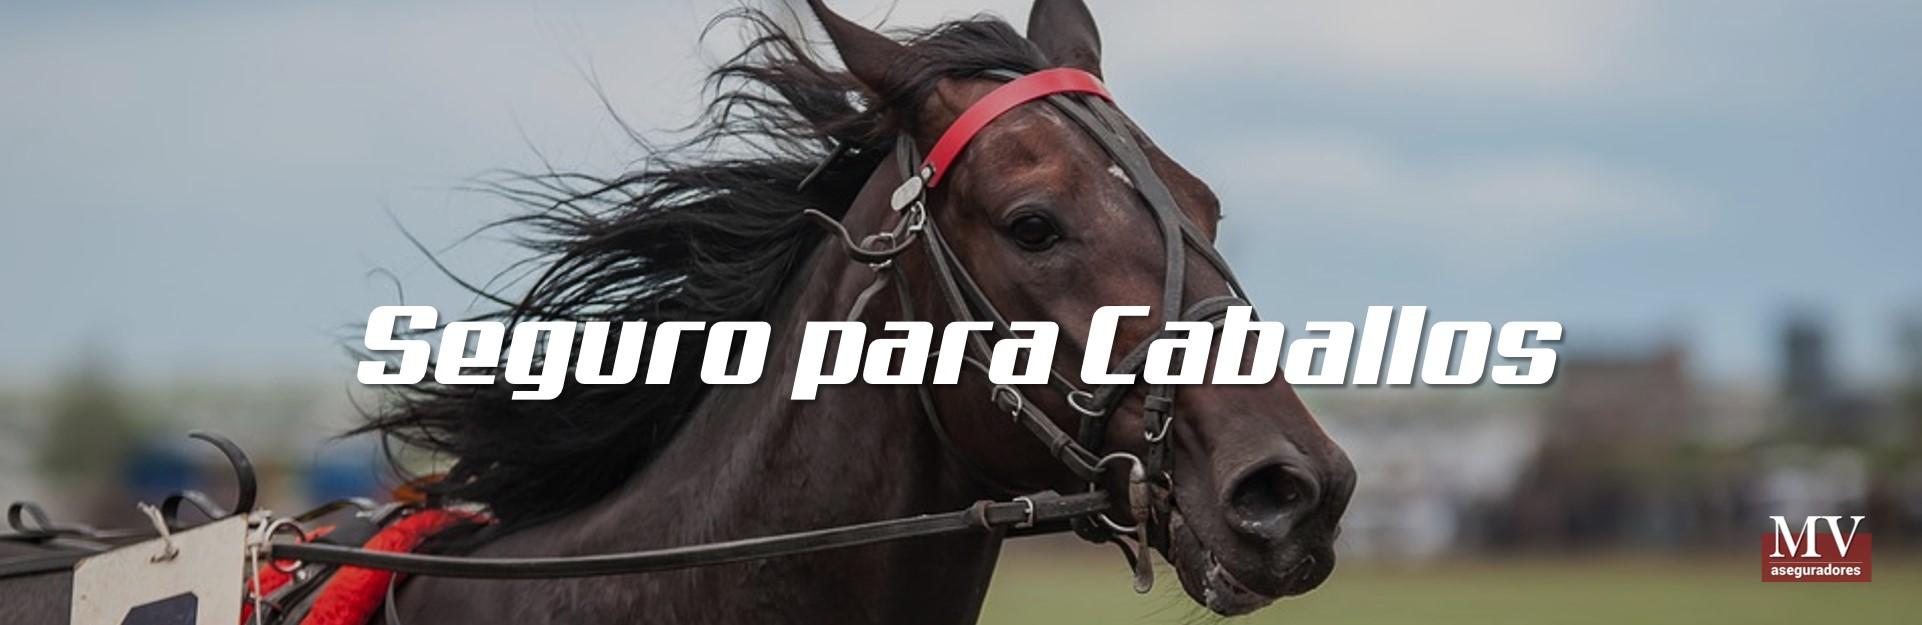 imagen 5 slider seguro de caballos